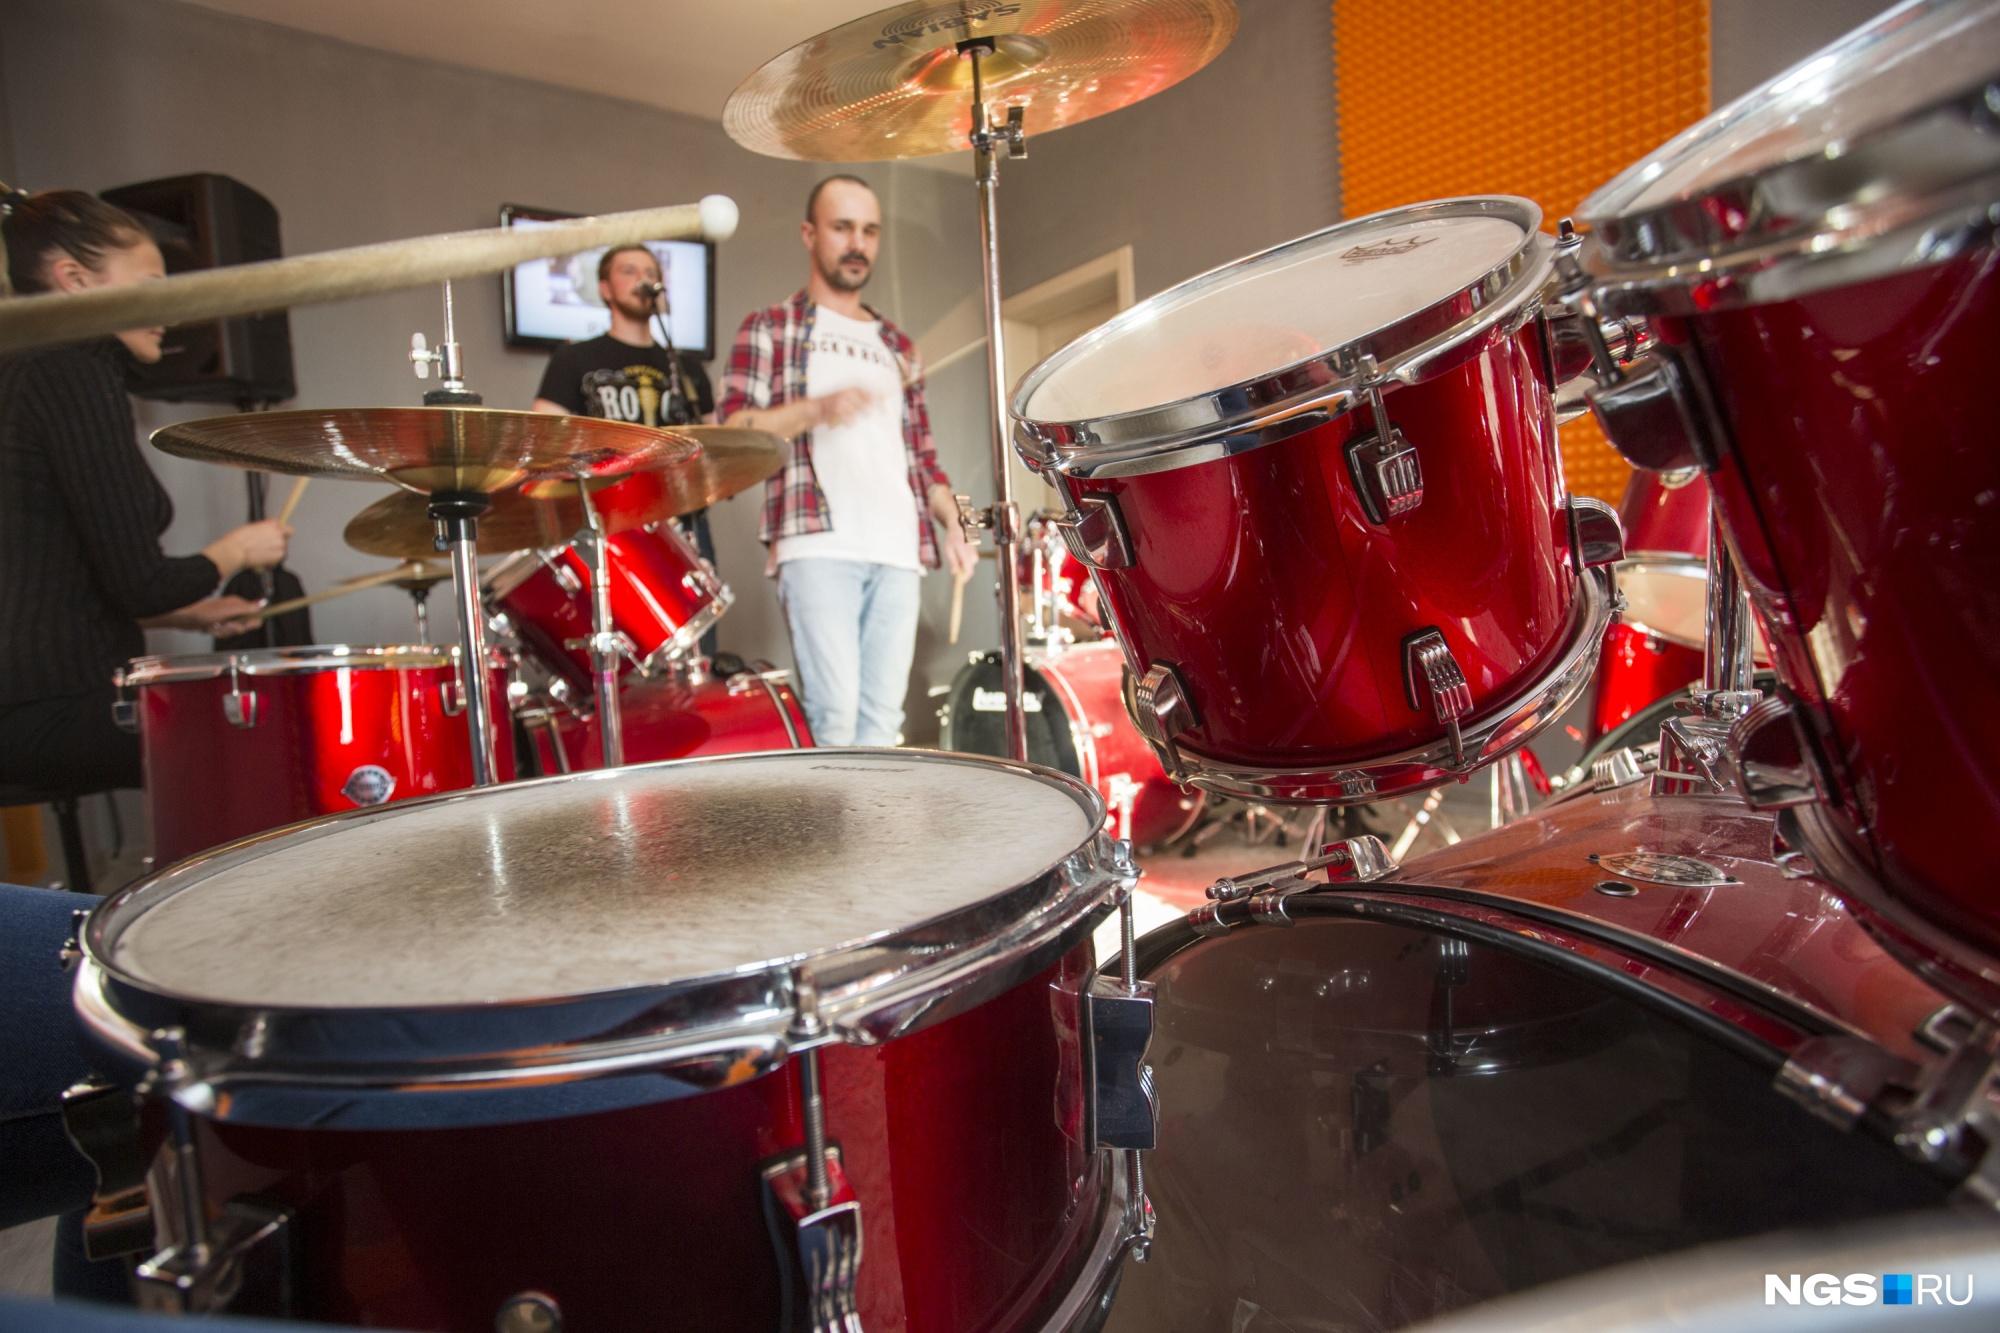 Бизнес на стукачах: в Новосибирске резко стали популярны школы барабанщиков